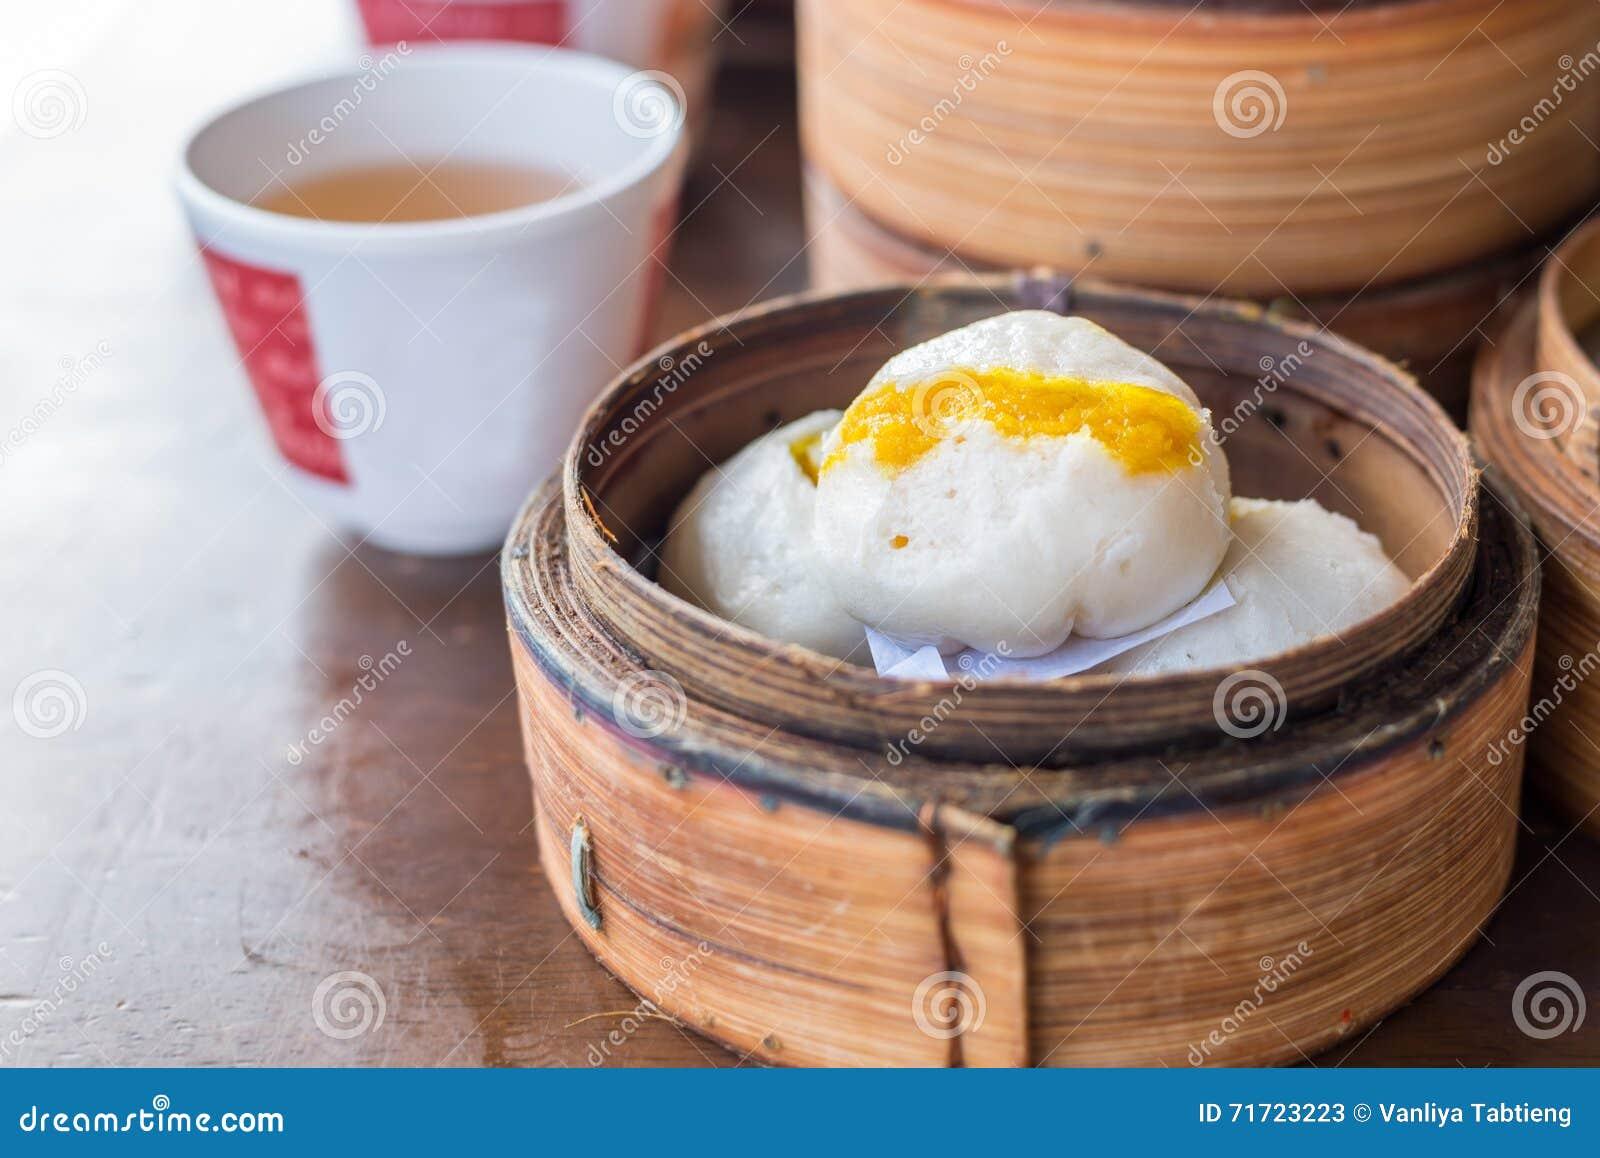 汉语蒸的乳脂状的乳蛋糕小圆面包;亚洲盘